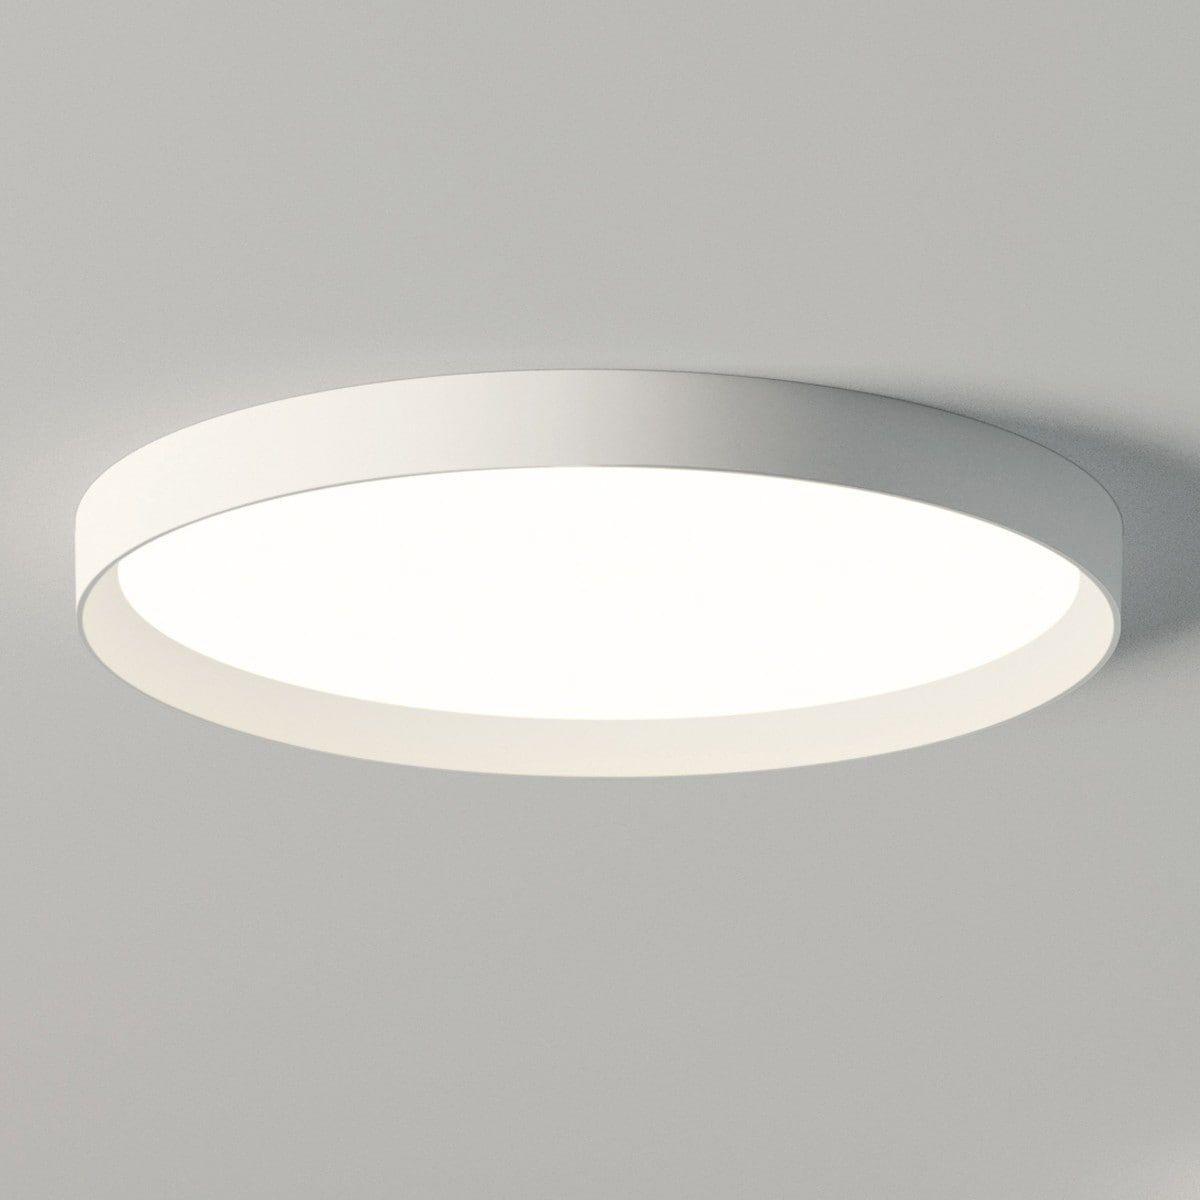 Deckenleuchte Weiss Rund Stoff Wohnzimmer Deckenleuchte Messing Kristall Deckenleuchte Gunstig Schlafzimme In 2020 Led Leuchtmittel Lampen Decke Innenbeleuchtung